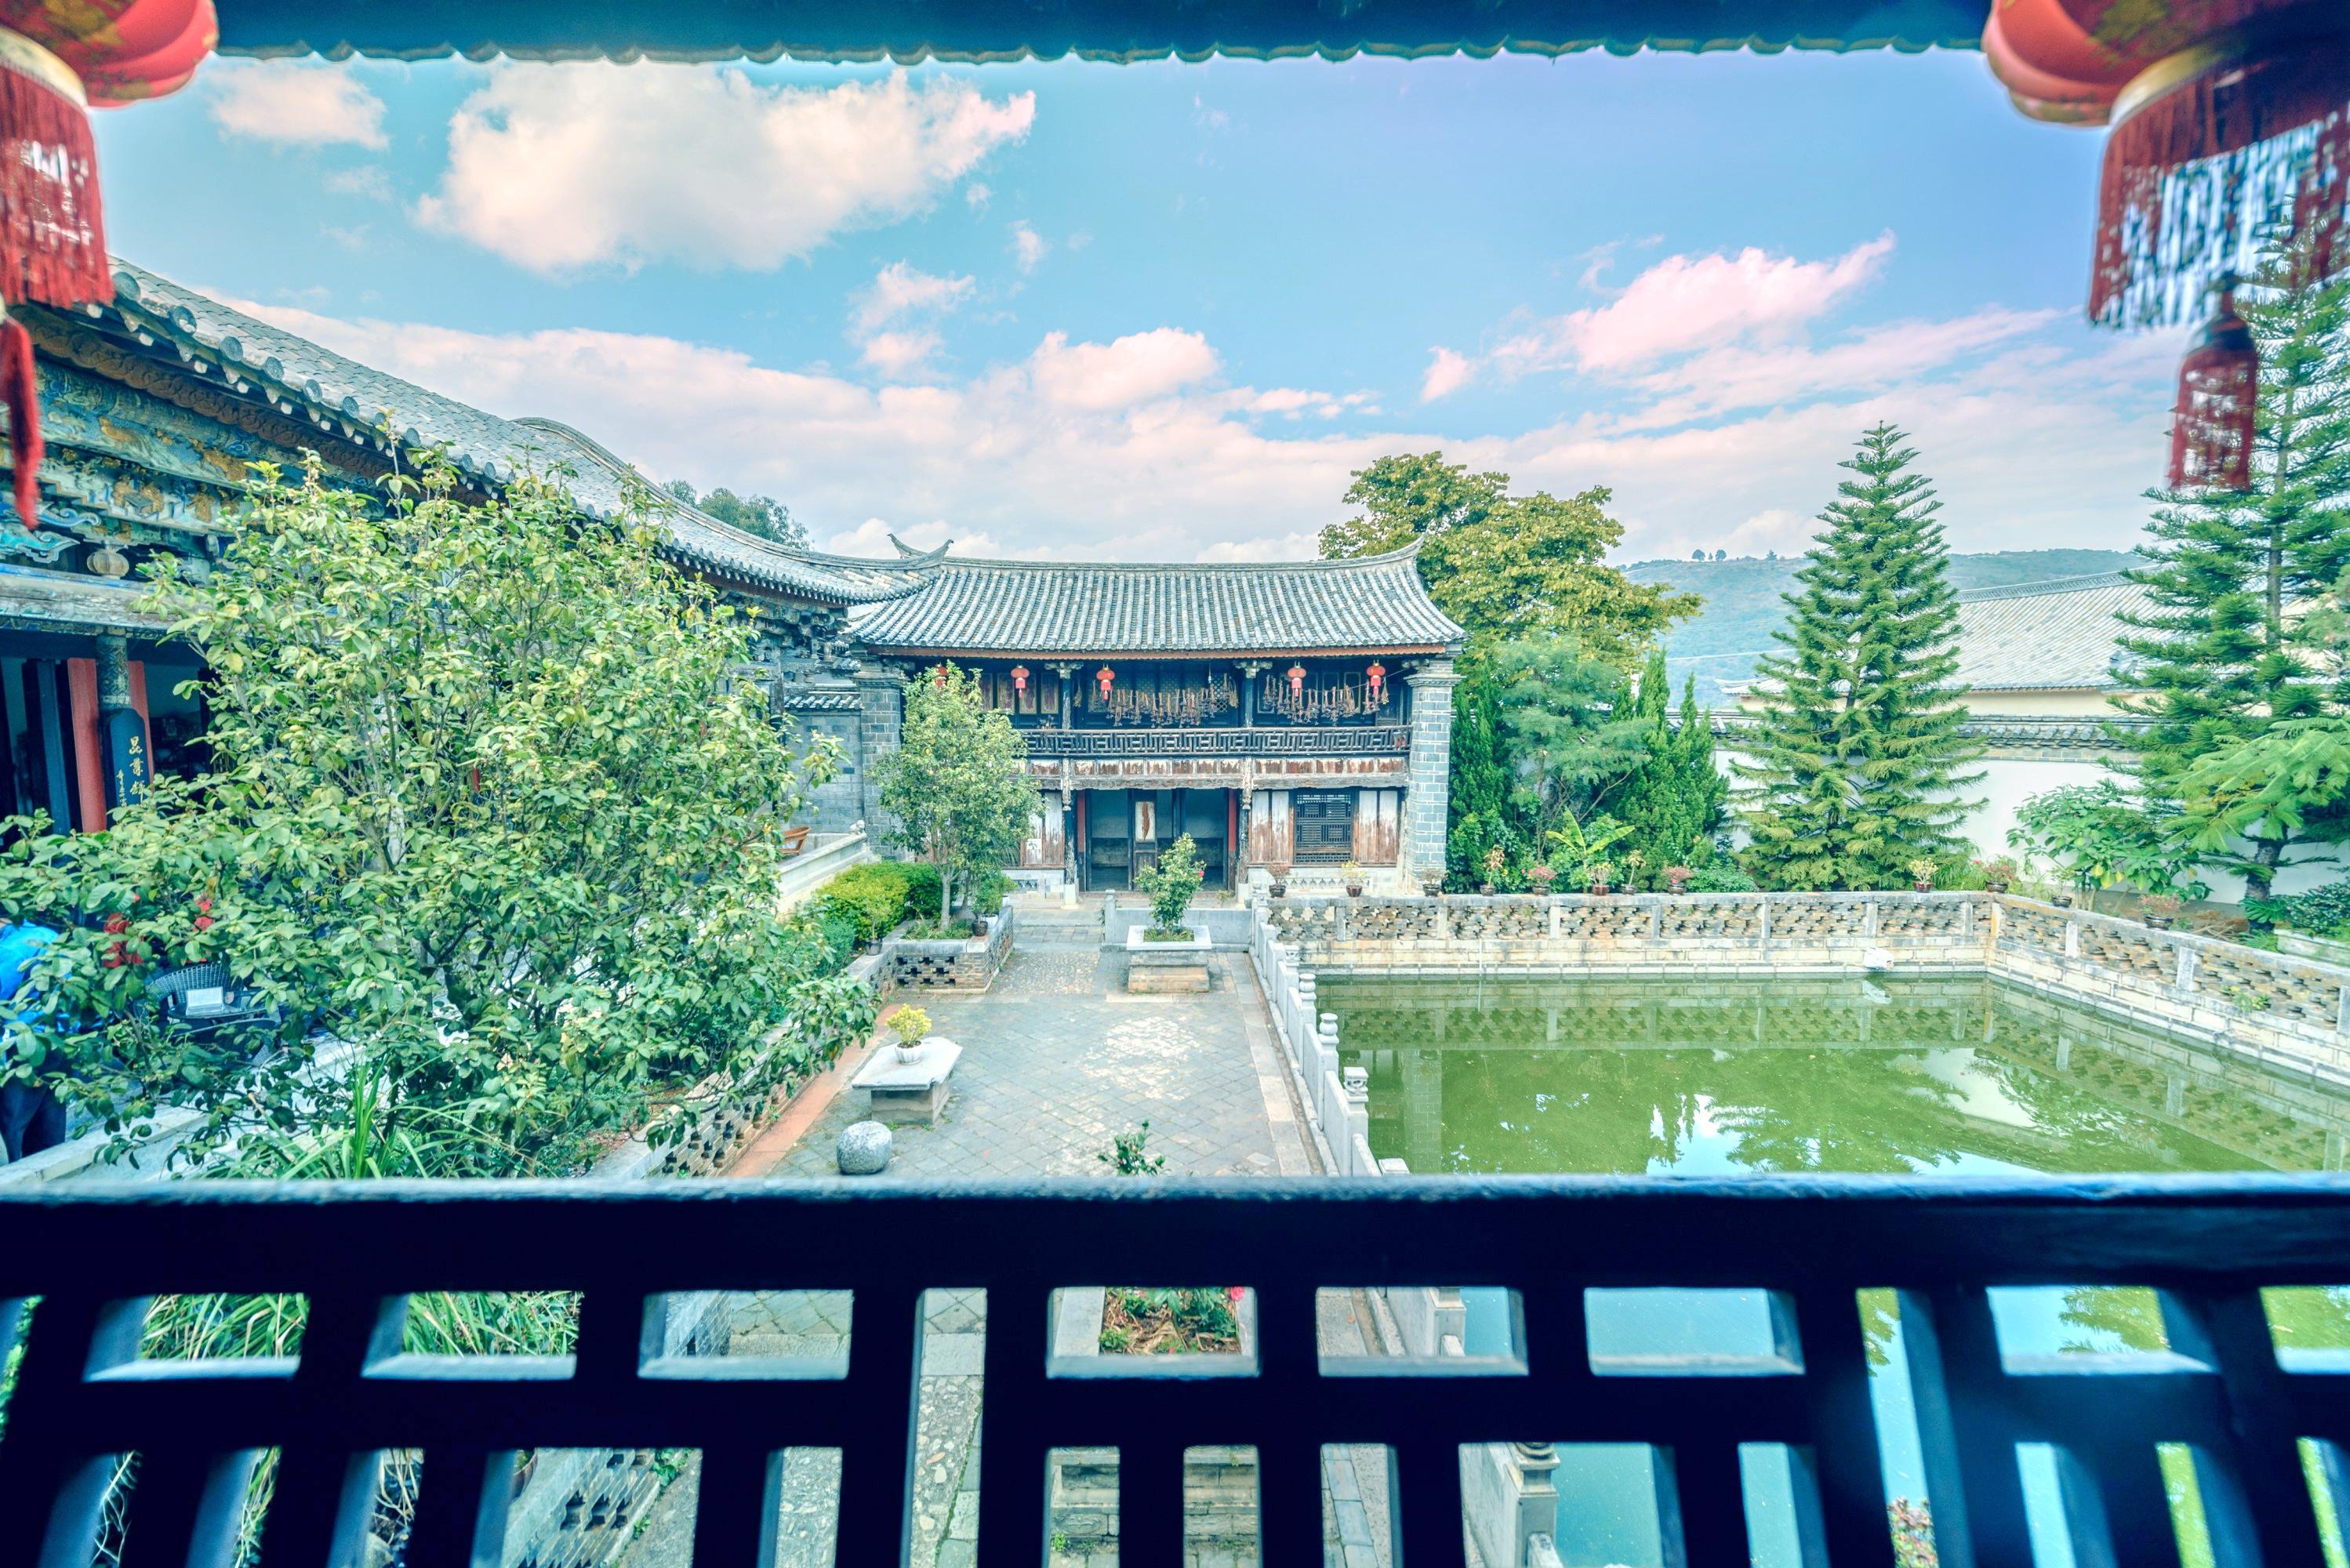 Tuanshan Village